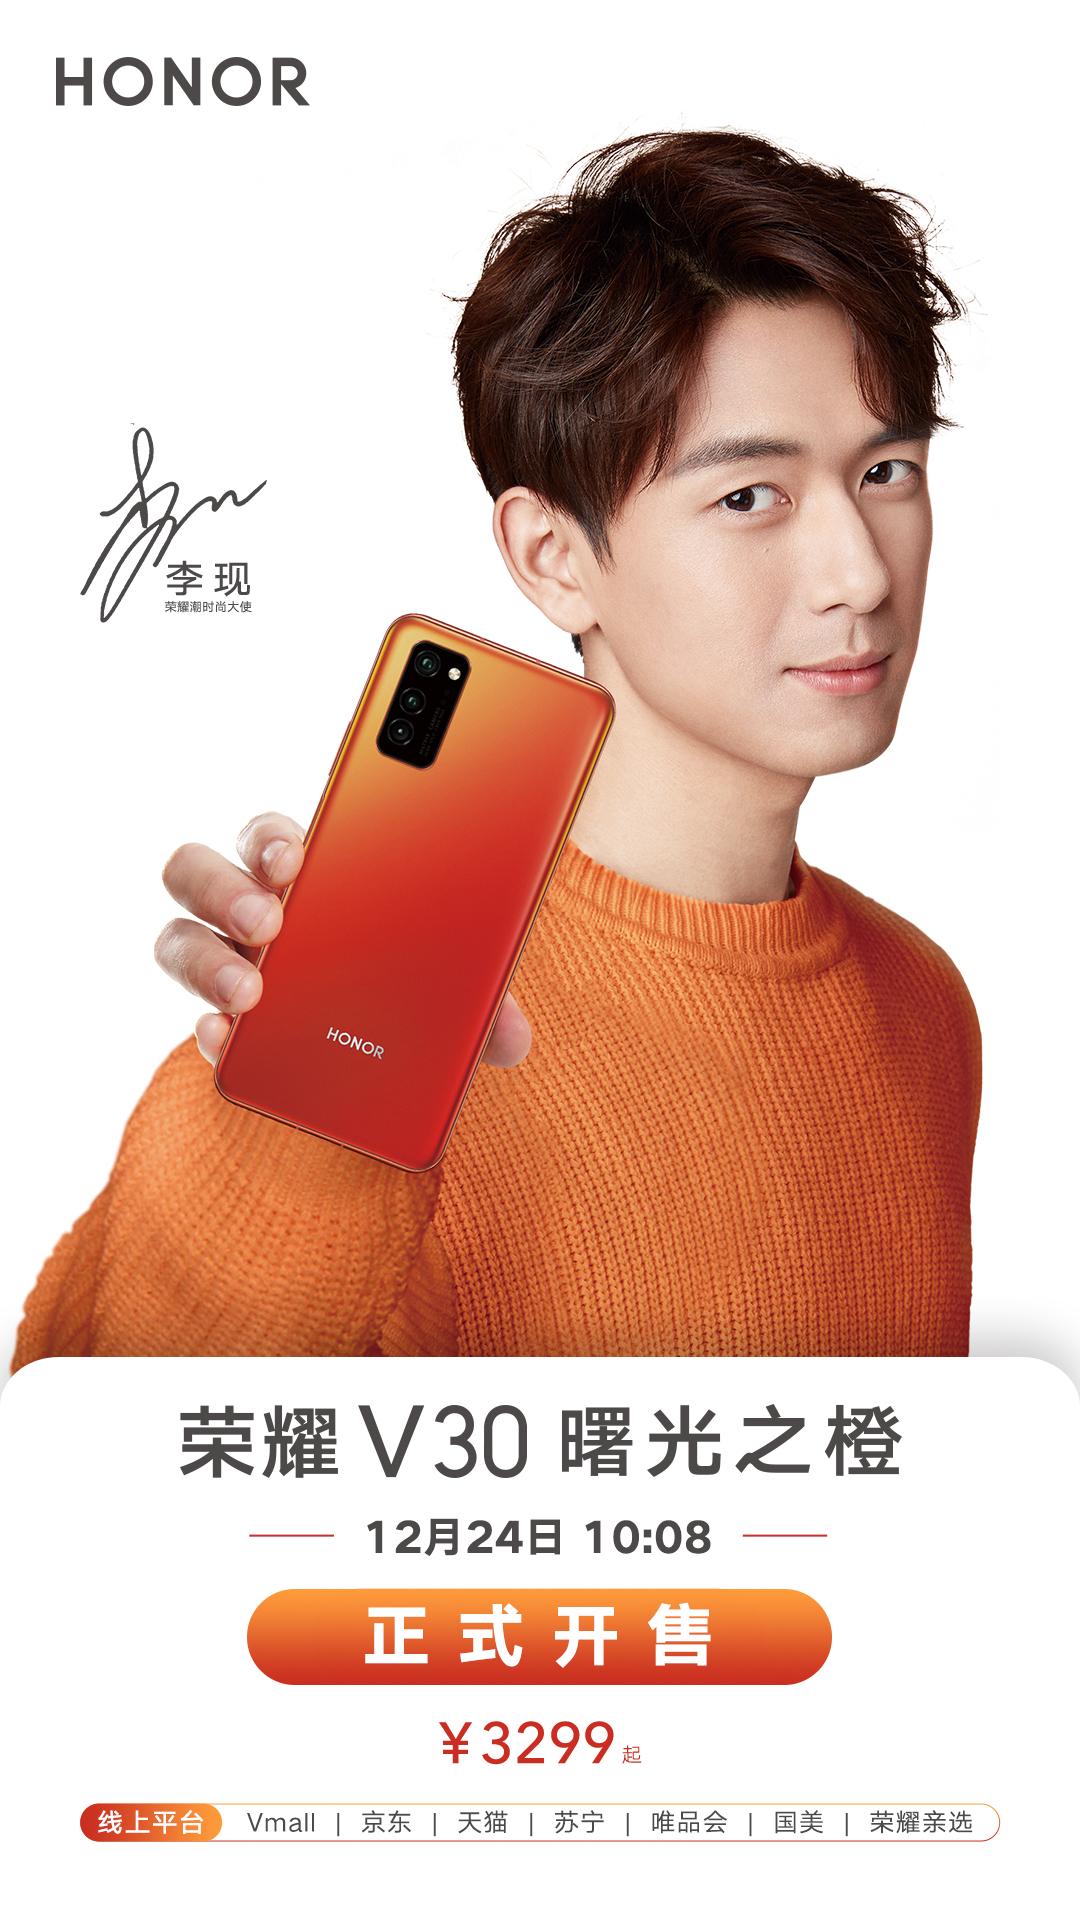 荣耀V30 橙色开售.jpg